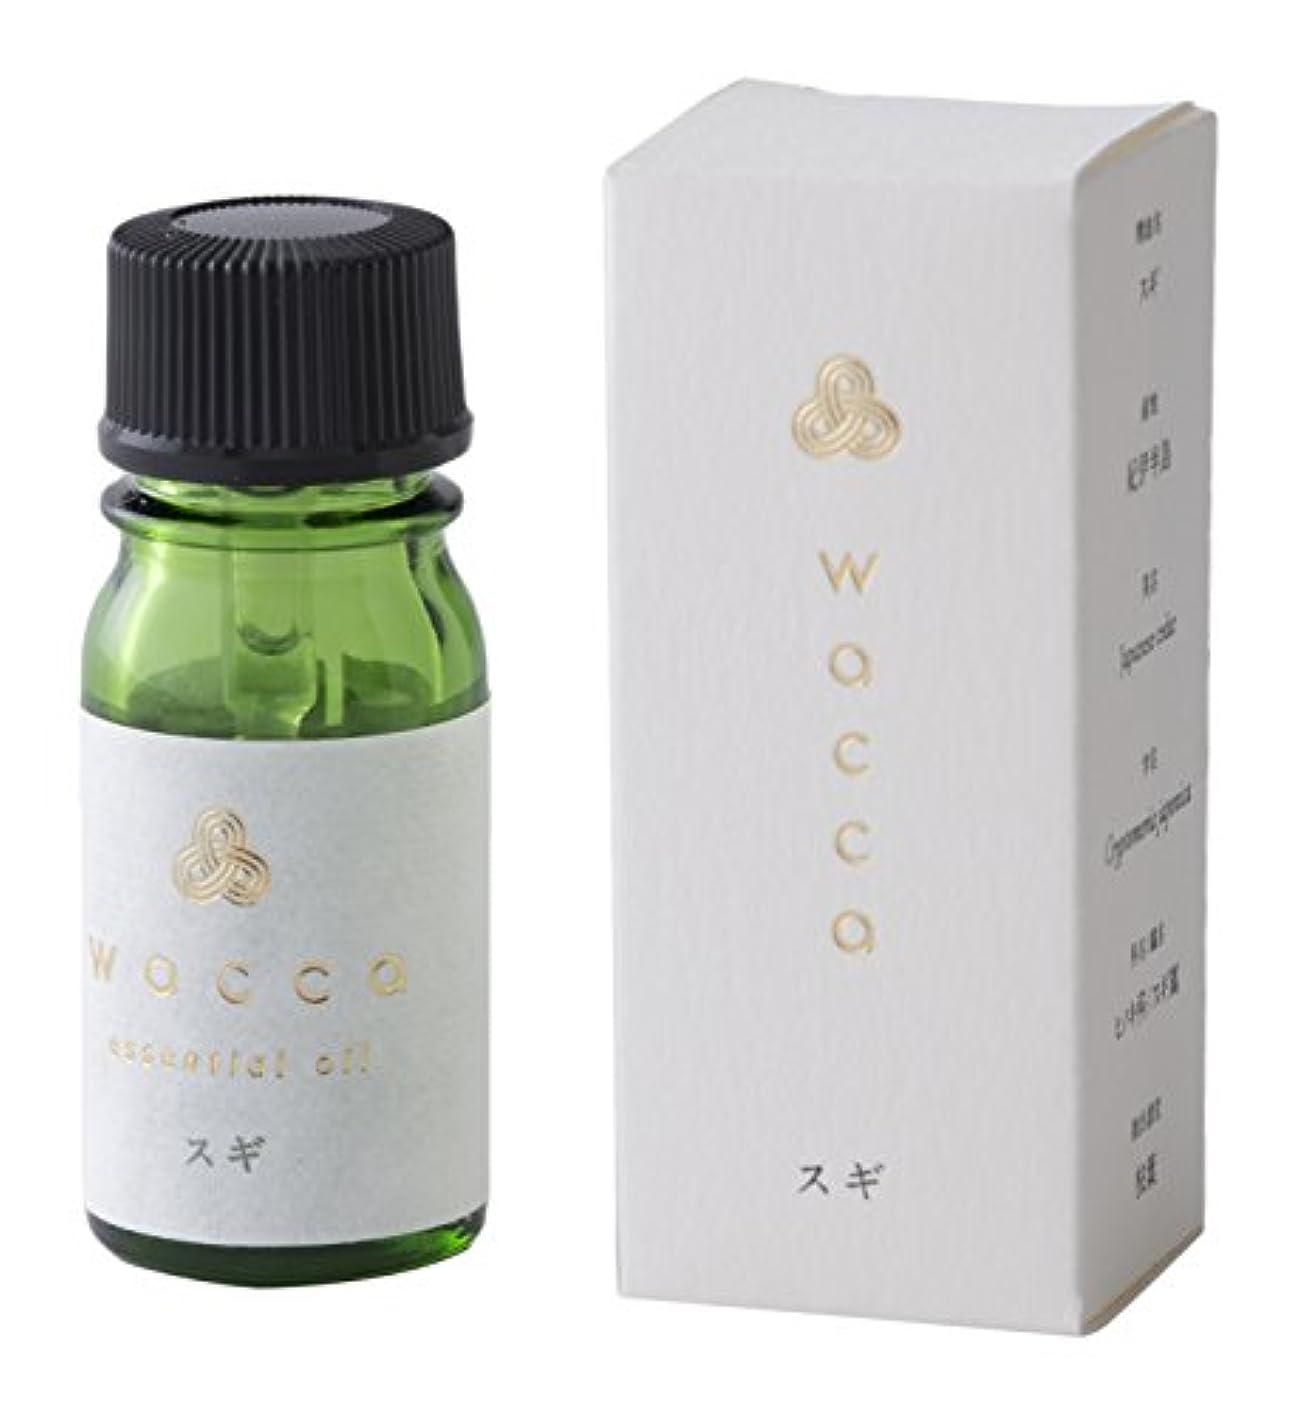 タブレット権限周波数wacca ワッカ エッセンシャルオイル 5ml 杉 スギ Japanese cedar essential oil 和精油 KUSU HANDMADE